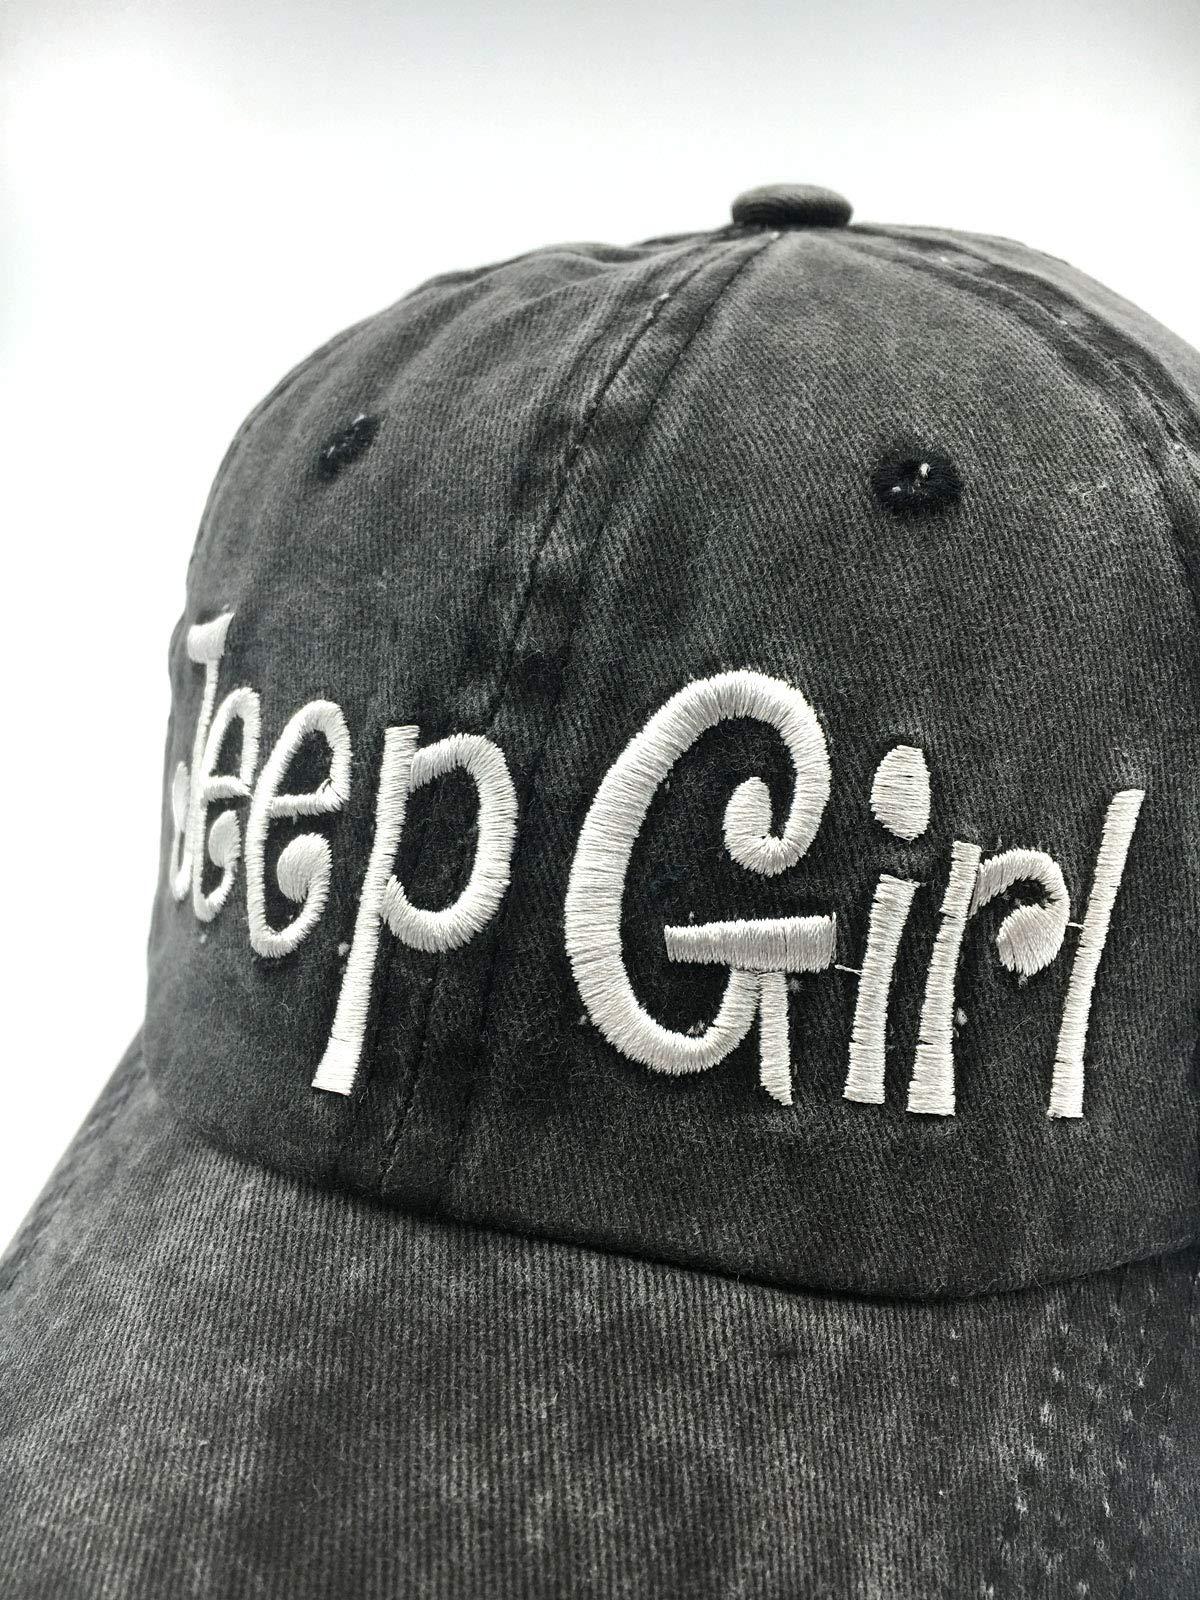 Waldeal Embroidered Jp Girl Vintage Distressed Adjustable Baseball Caps Washed Denim Dad Hat Mom Gift Black by Waldeal (Image #2)